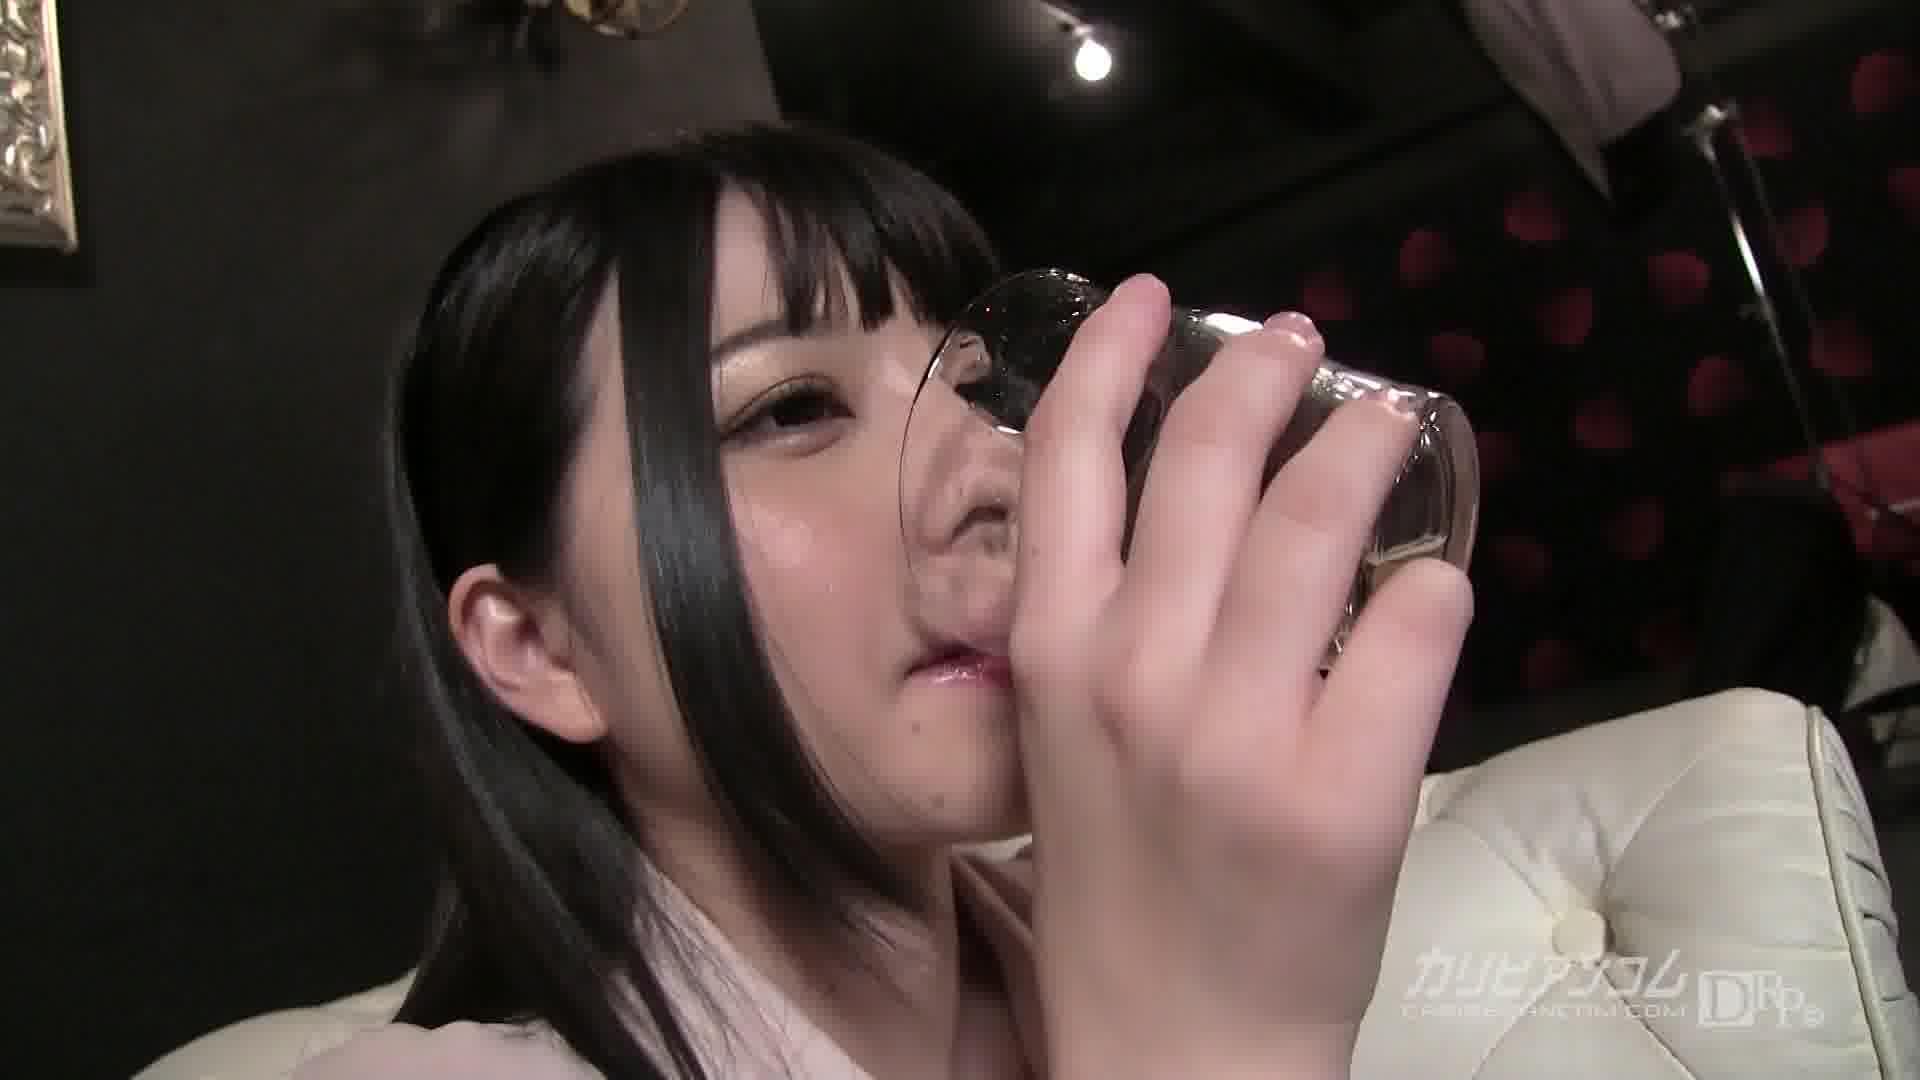 バックステージどっきりSP ~膀胱パンパンパニック~ - 上原亜衣【美乳・放尿・美尻】